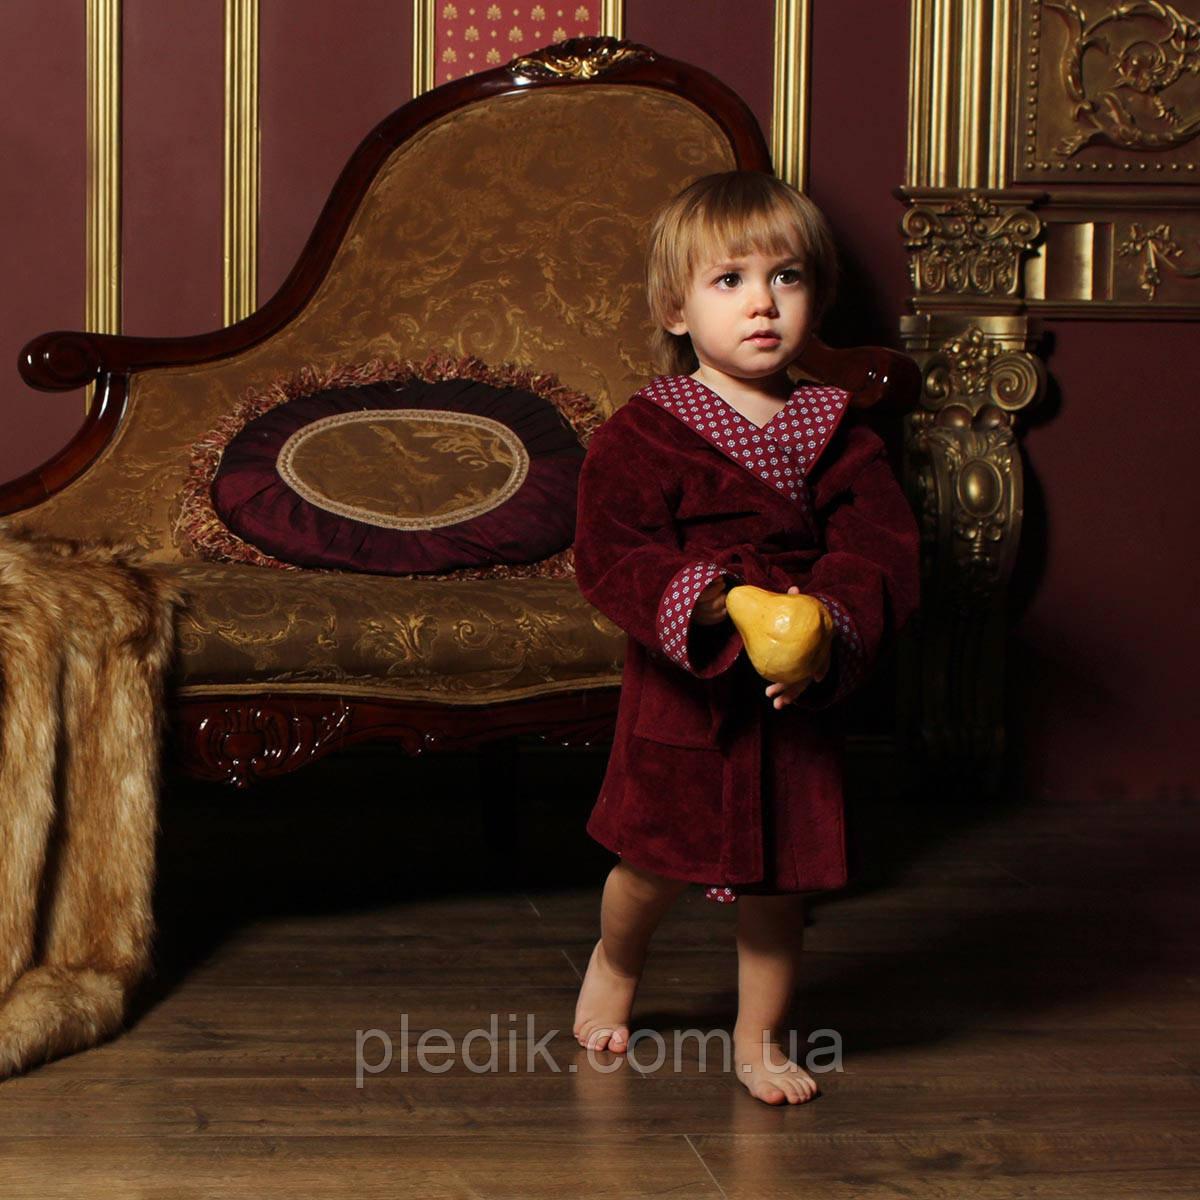 Халат детский махровый для мальчика FLAVIO 12-24 мес.